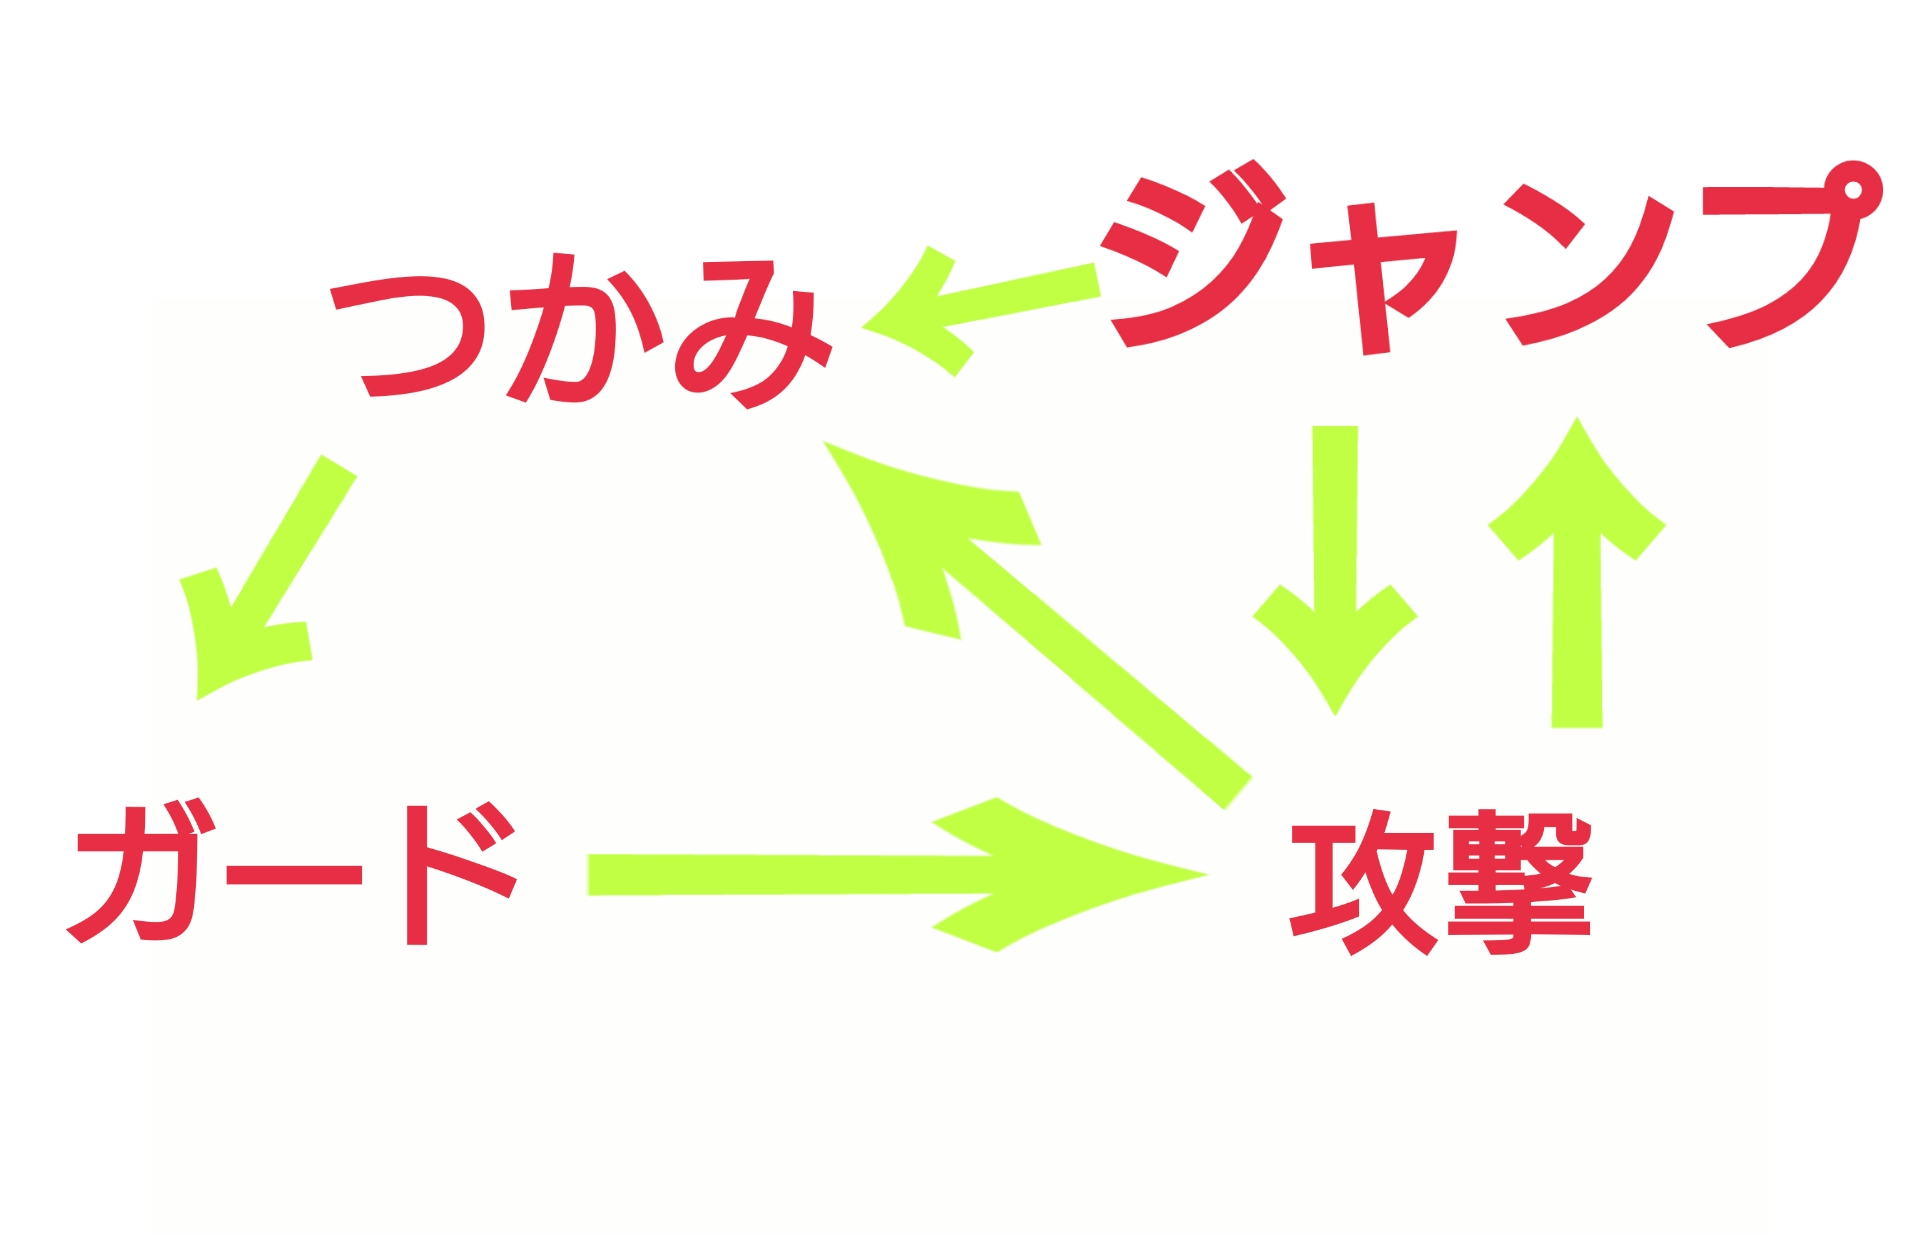 【スマブラSP理論】3すくみの関係を活かした差し合いでの読み合いについて